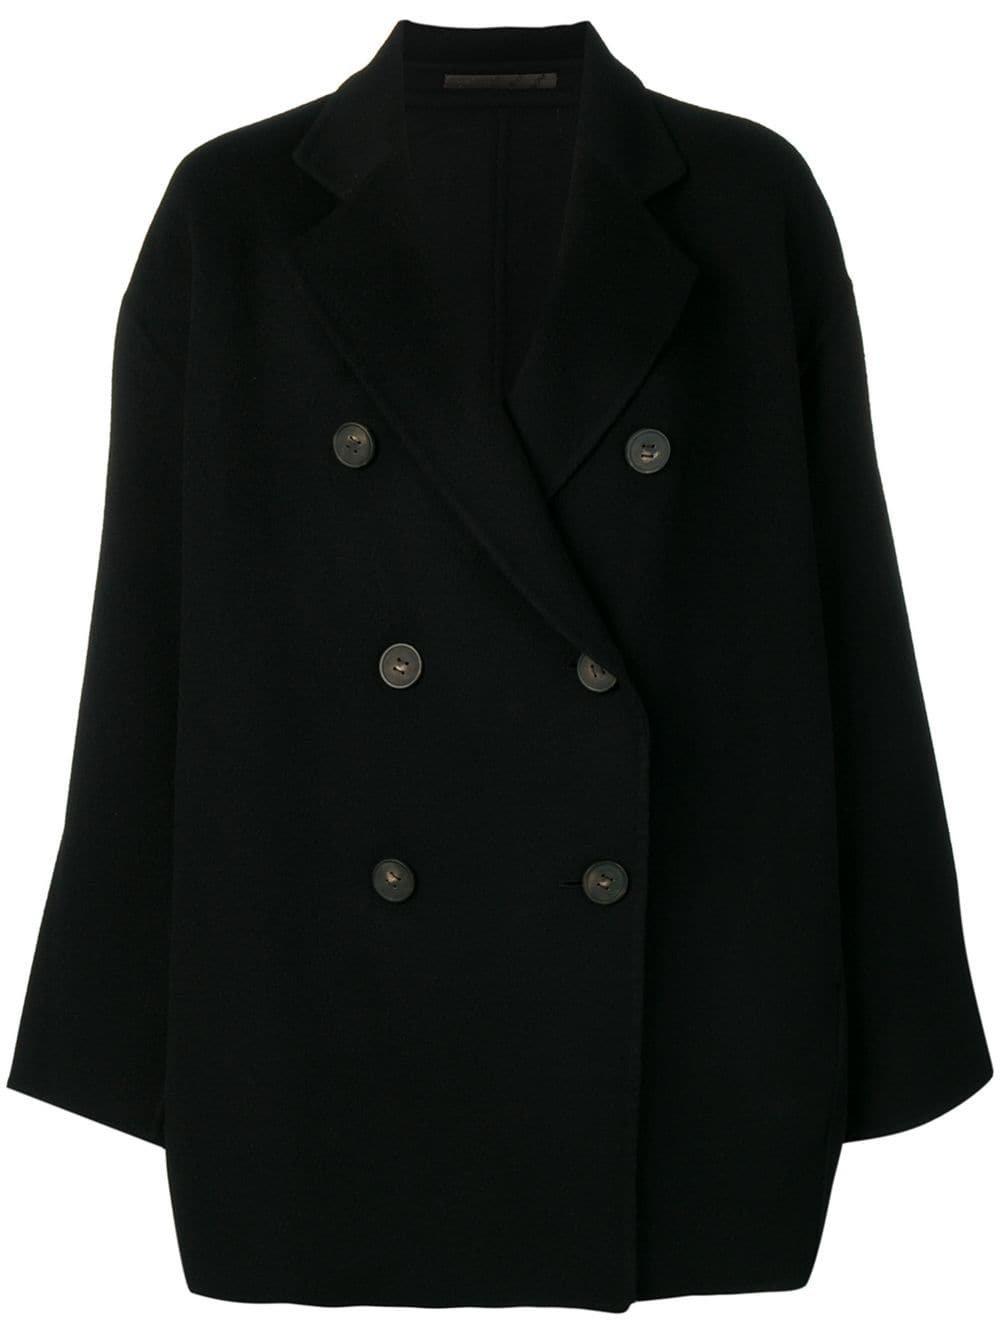 Black Acne Studios A-Line Jacket | Farfetch.com